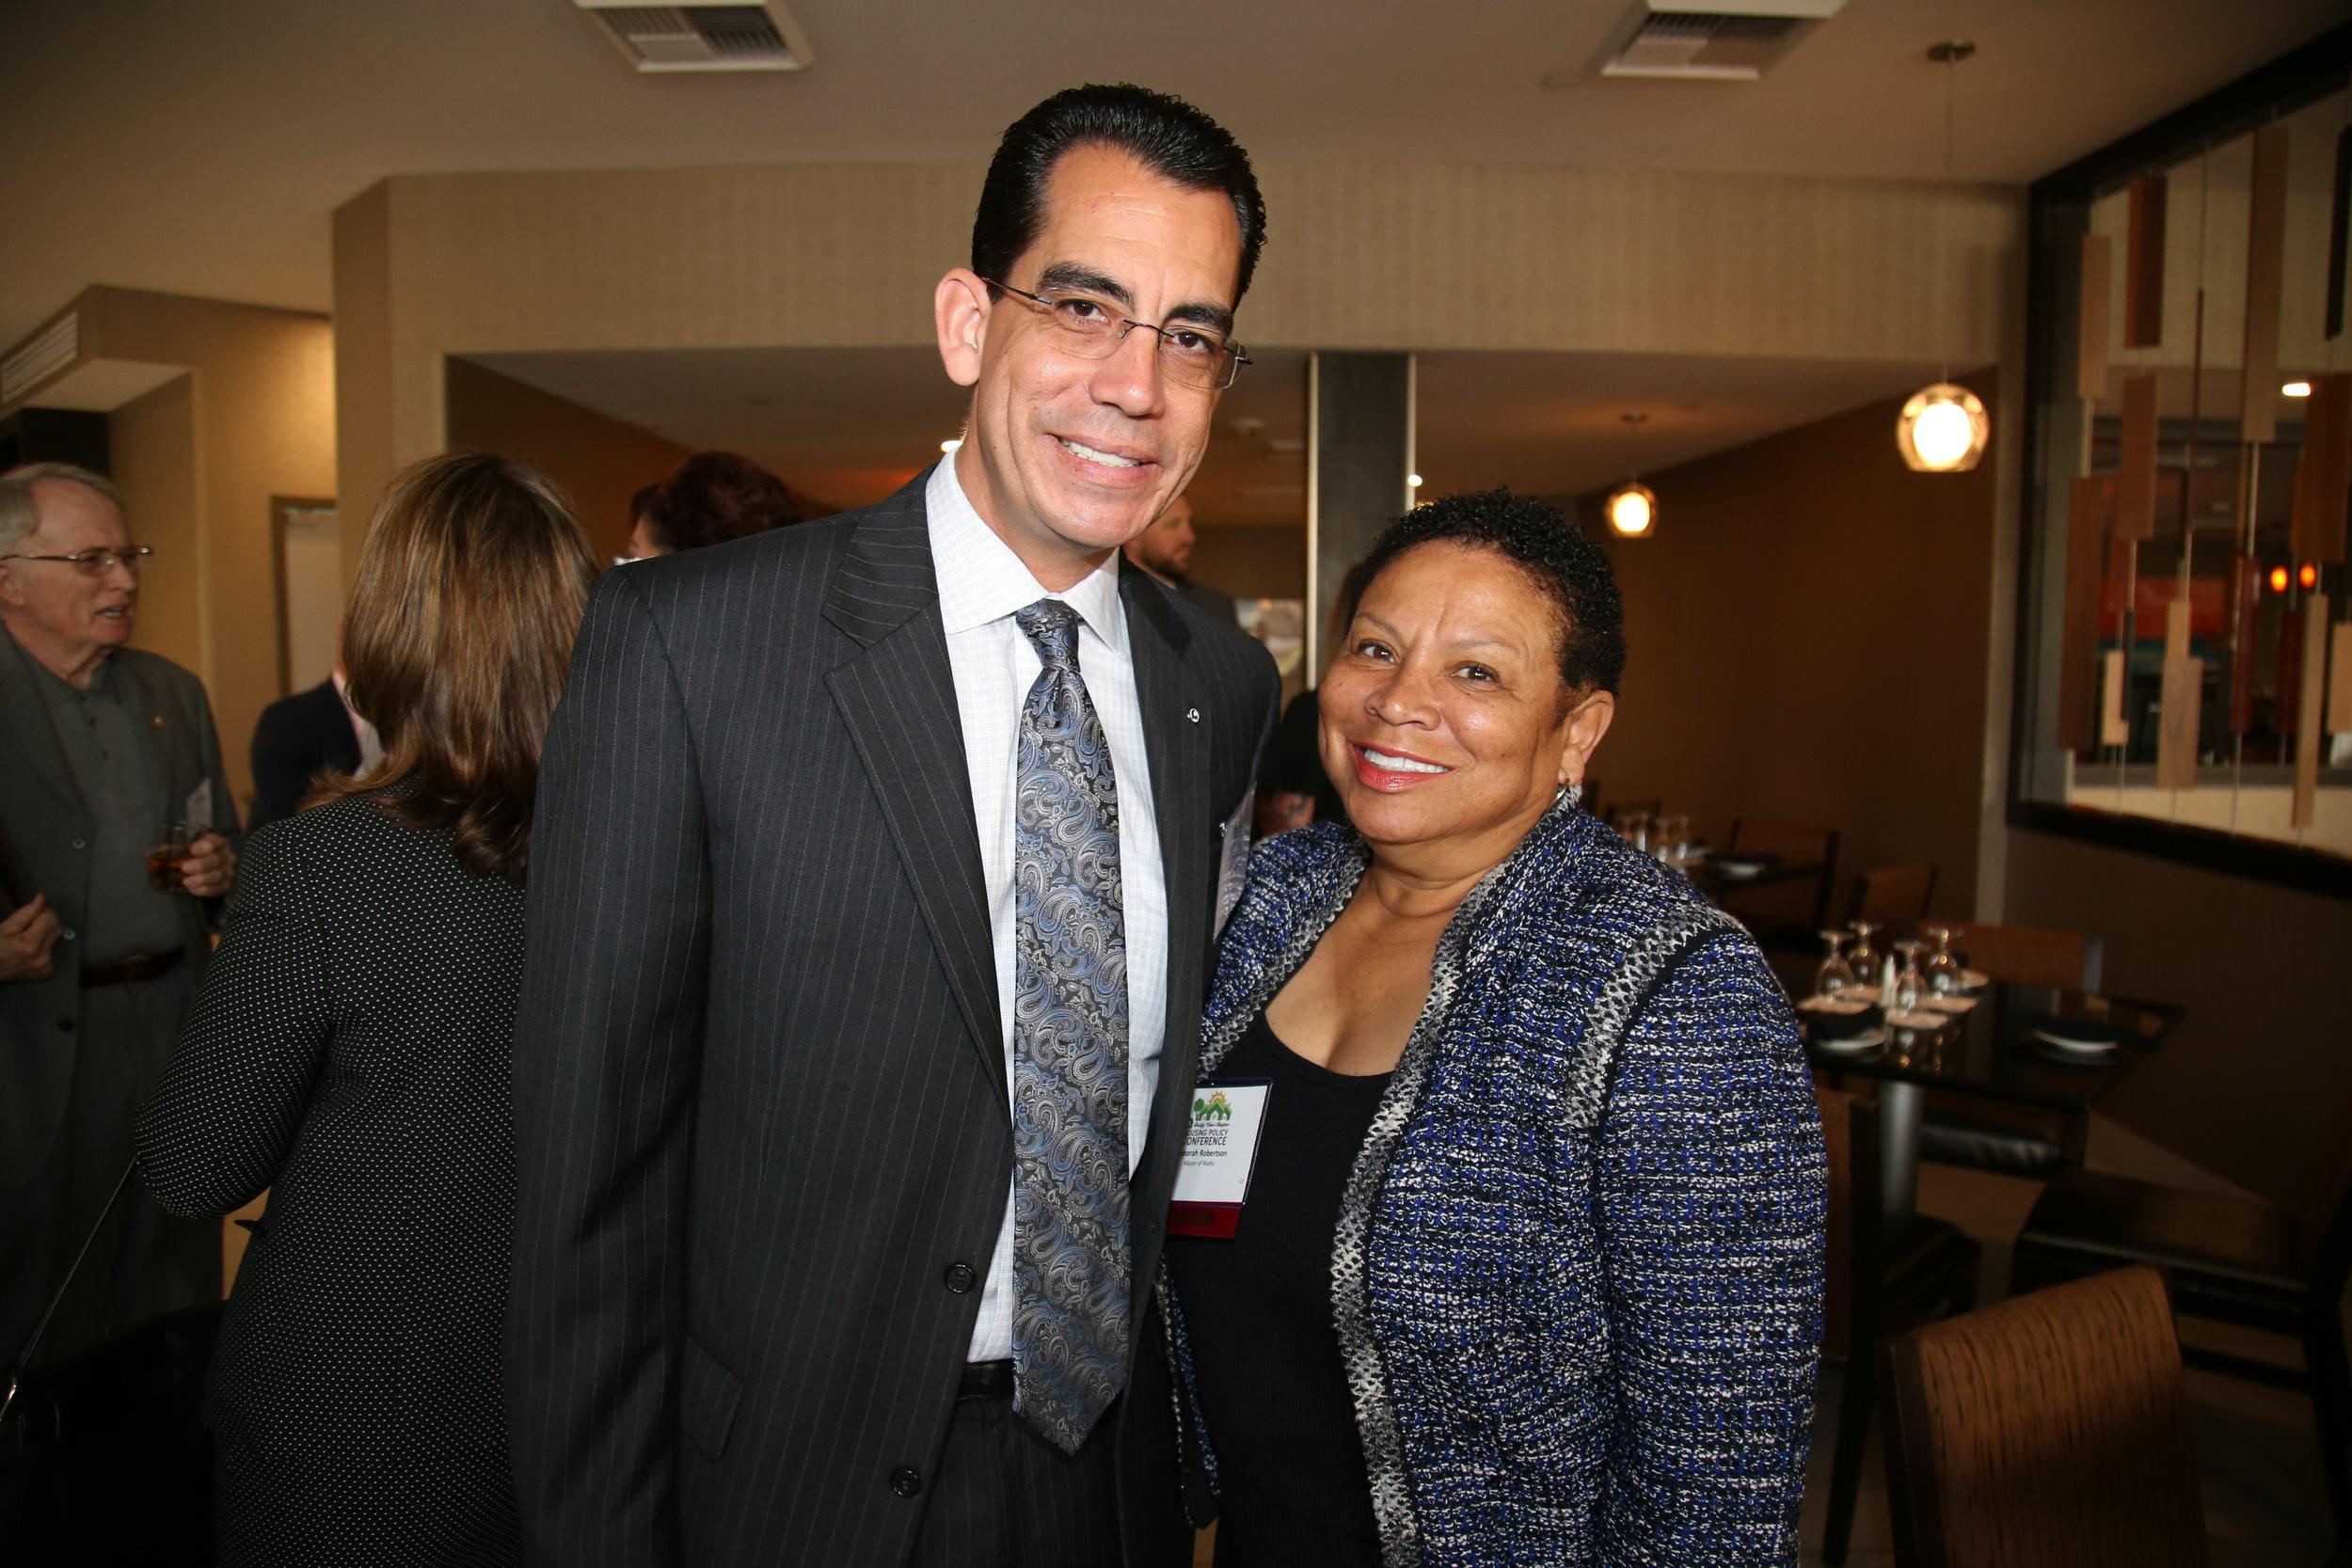 CEO Carlos Rodriguez and Rialto Mayor Deborah Robertson